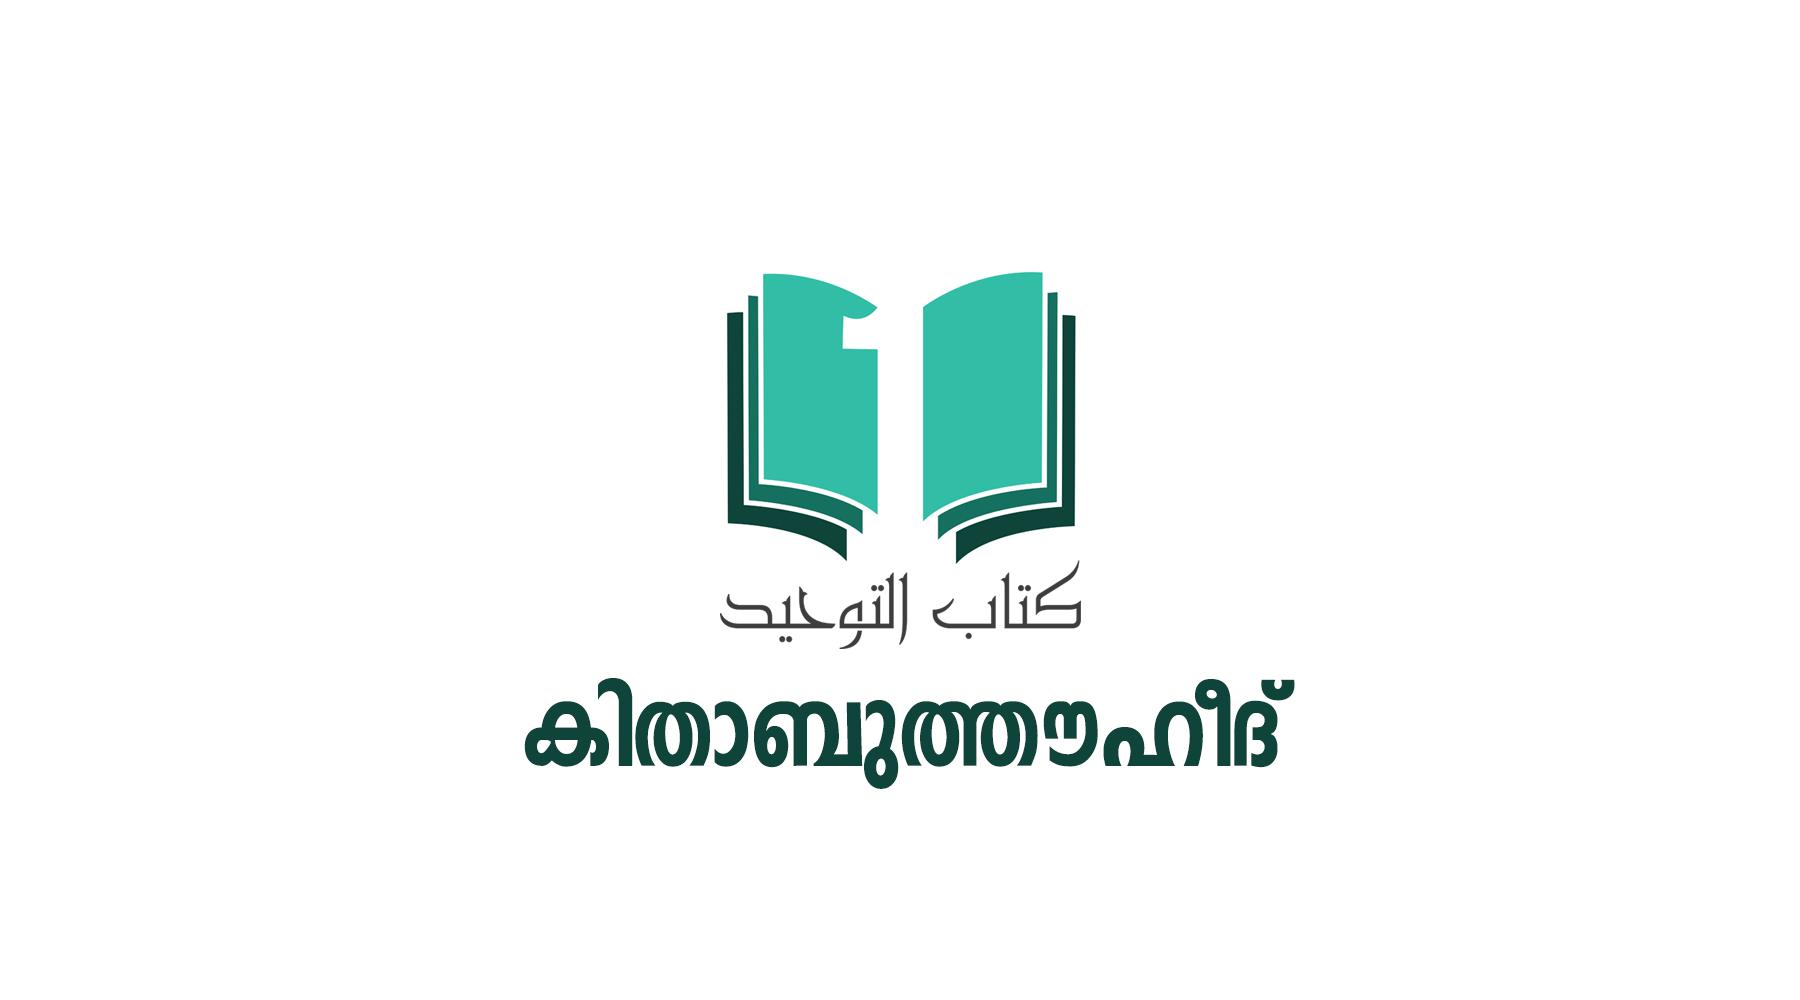 kithab_malayalam_poster_kithabuthouheed1